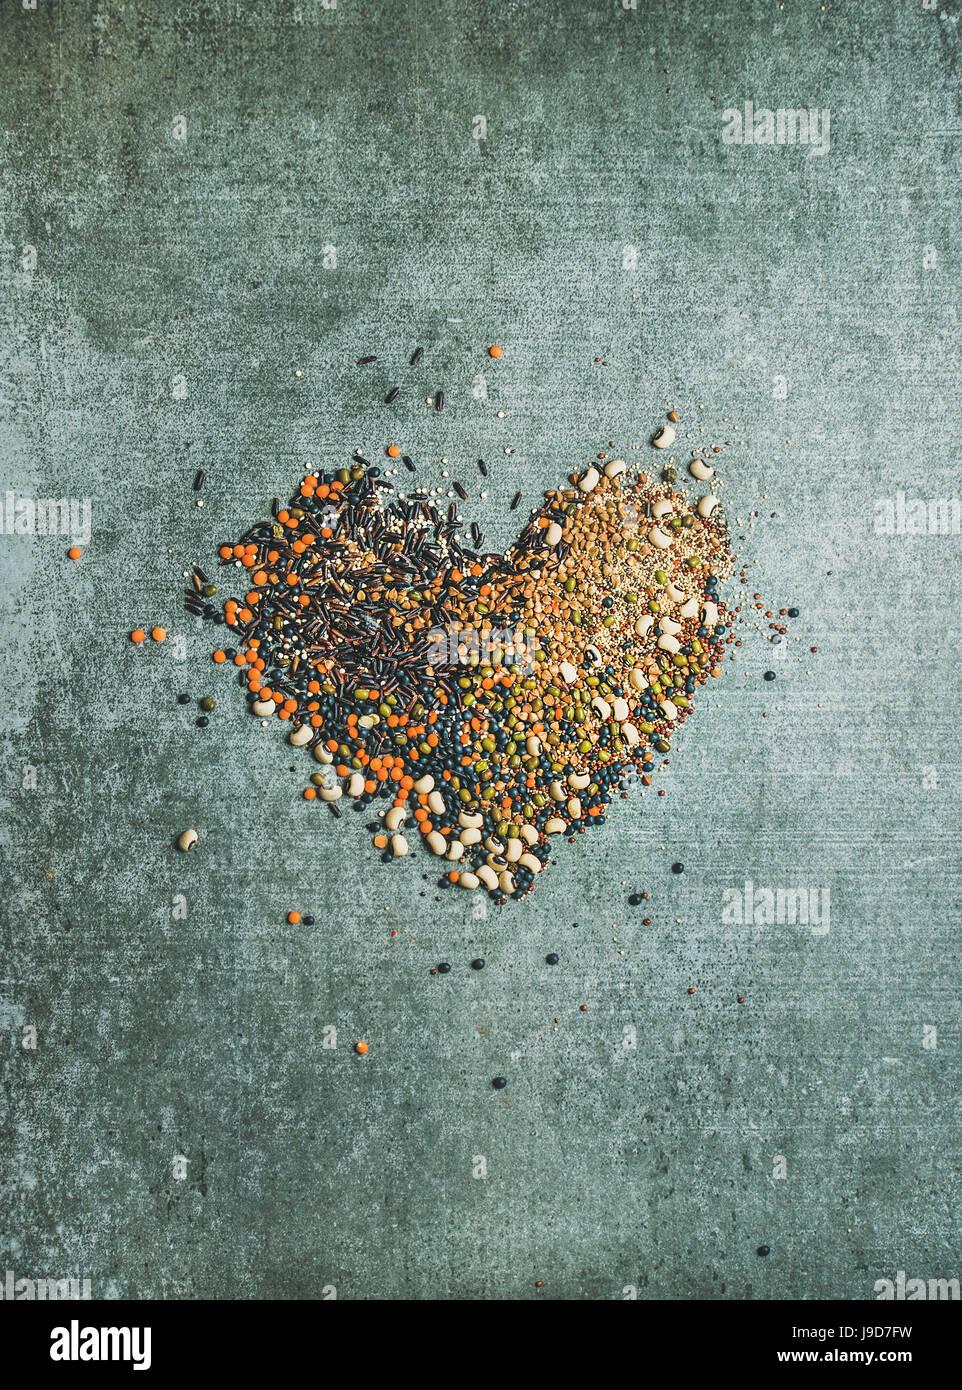 Vielzahl von rohem Getreide, Bohnen, Getreide in Form von Herzen Stockbild